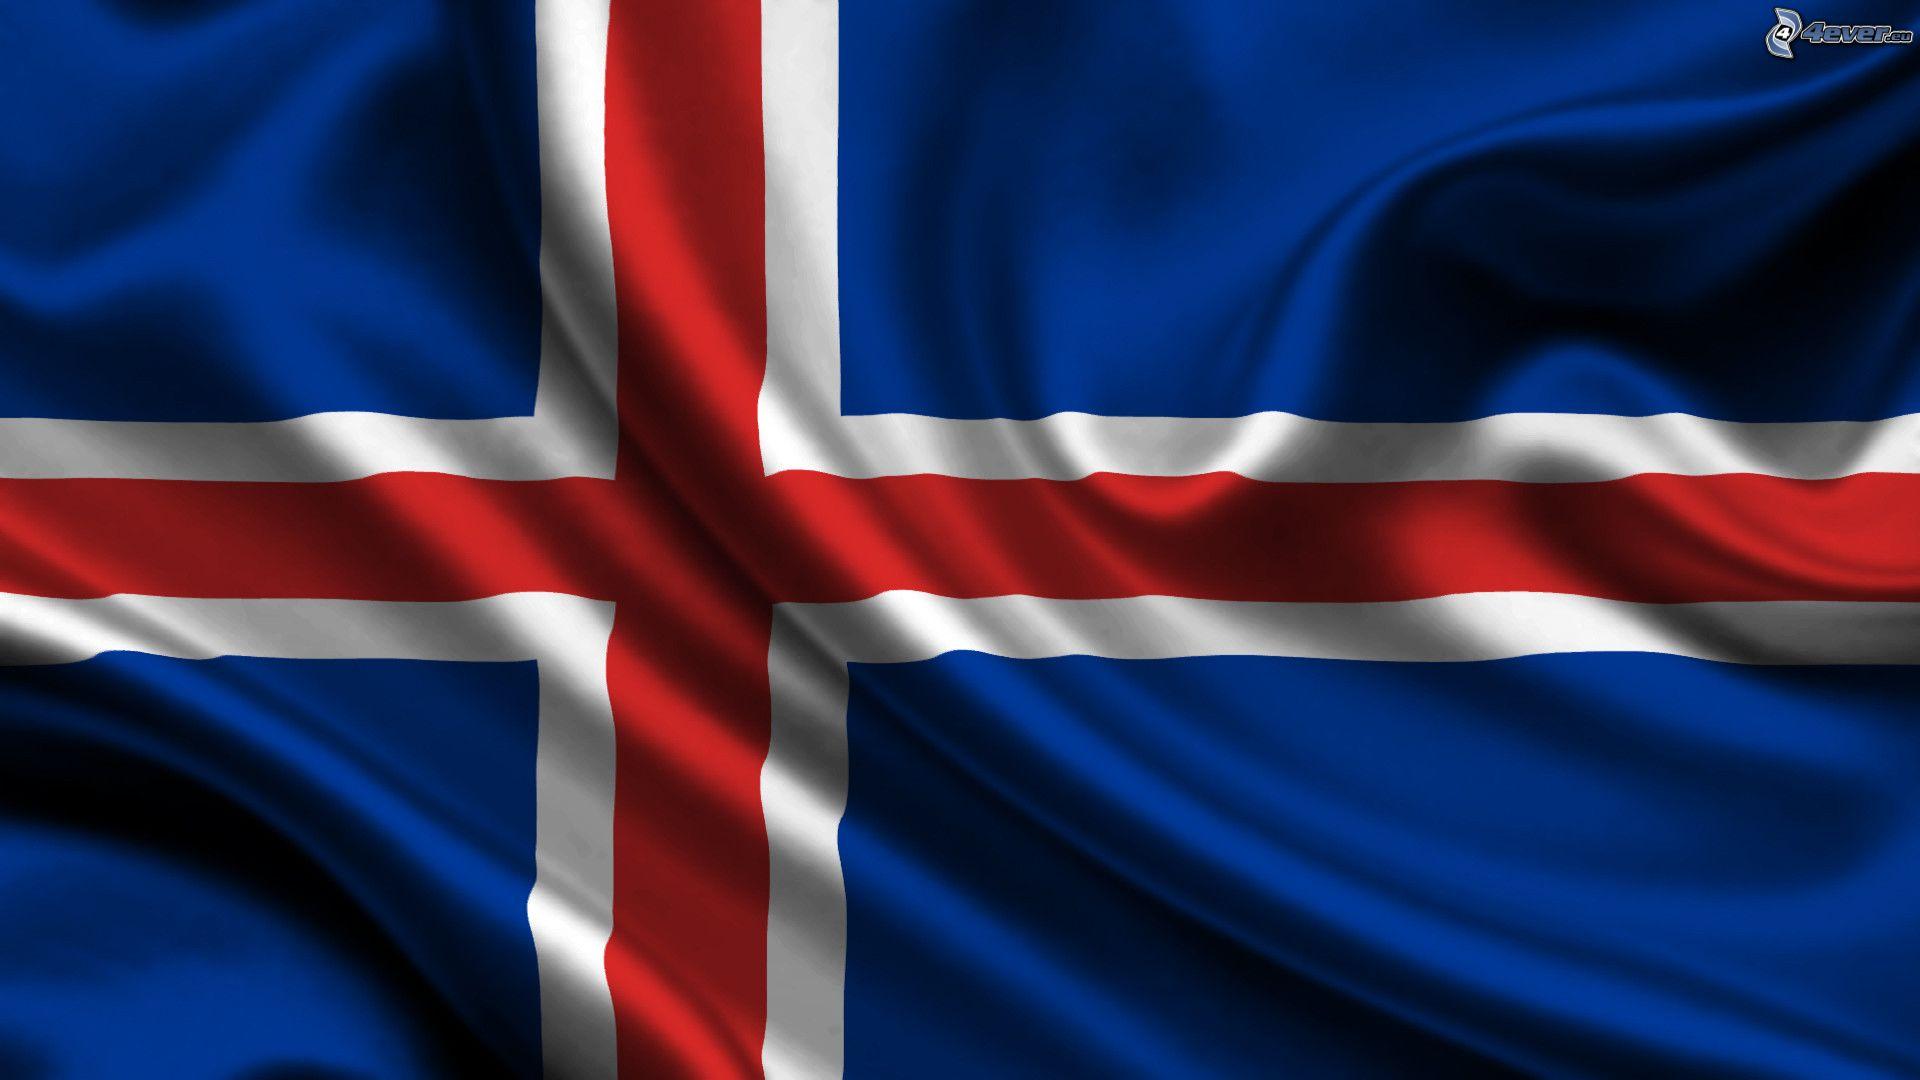 Rubrica – I Piccoli Stati dei Giochi, l'Islanda